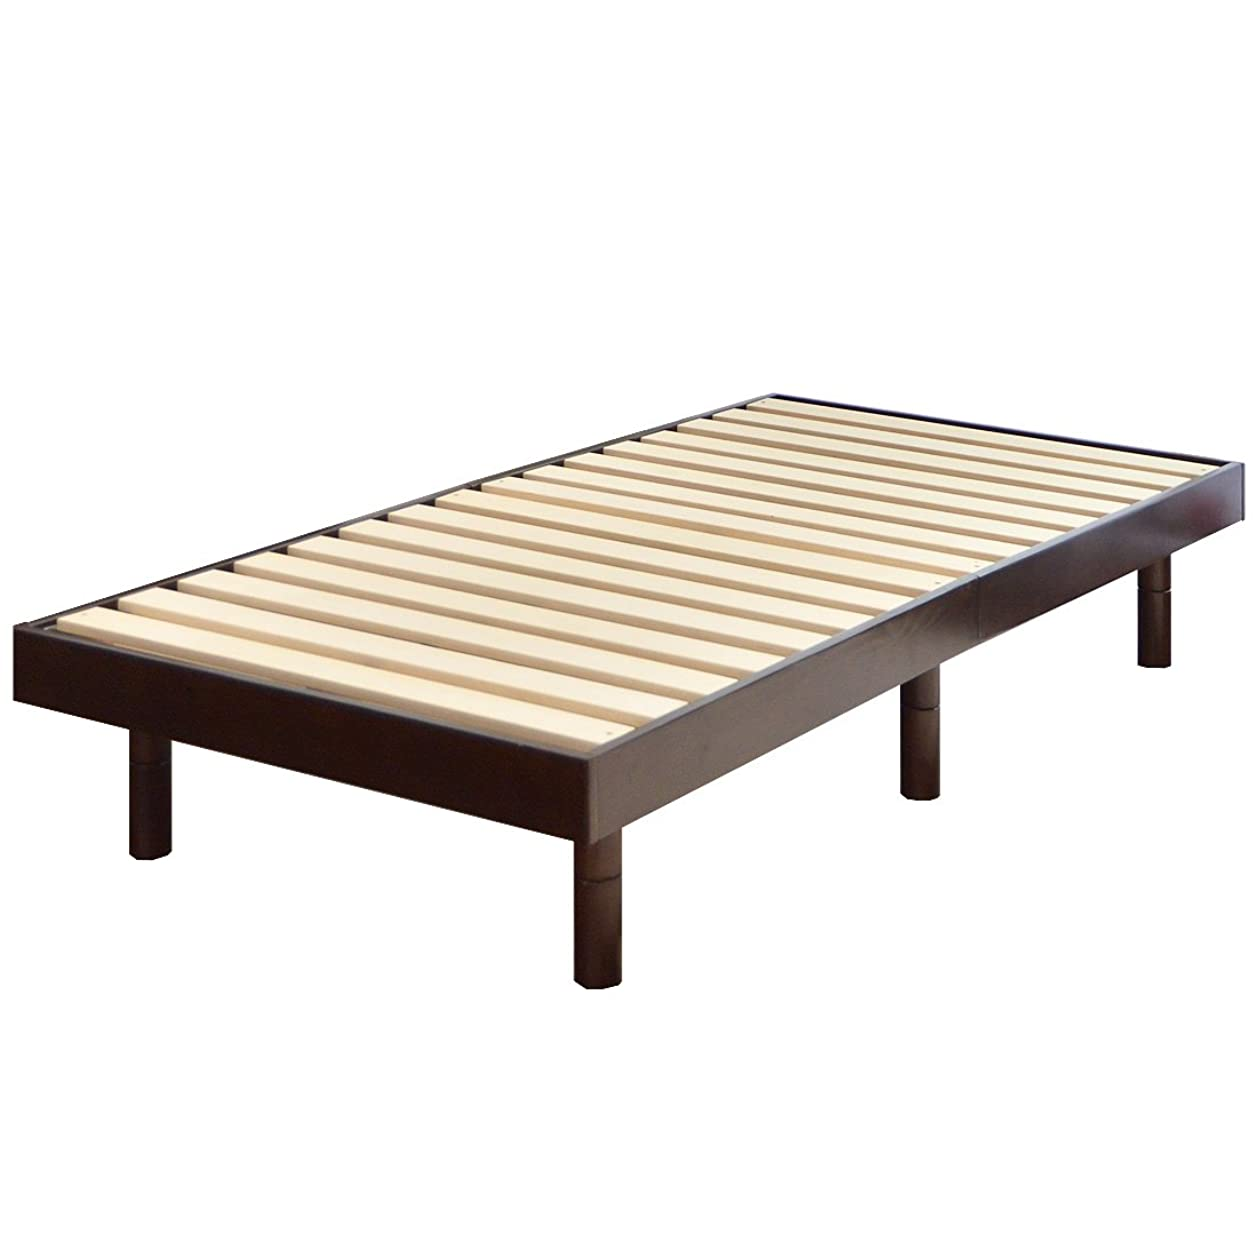 他のバンドで石化するあさりタンスのゲン すのこベッド シングルベッド 天然木 3段階高さ調節 耐荷重:約200kg ブラウン 11719094 21AM 【63998】